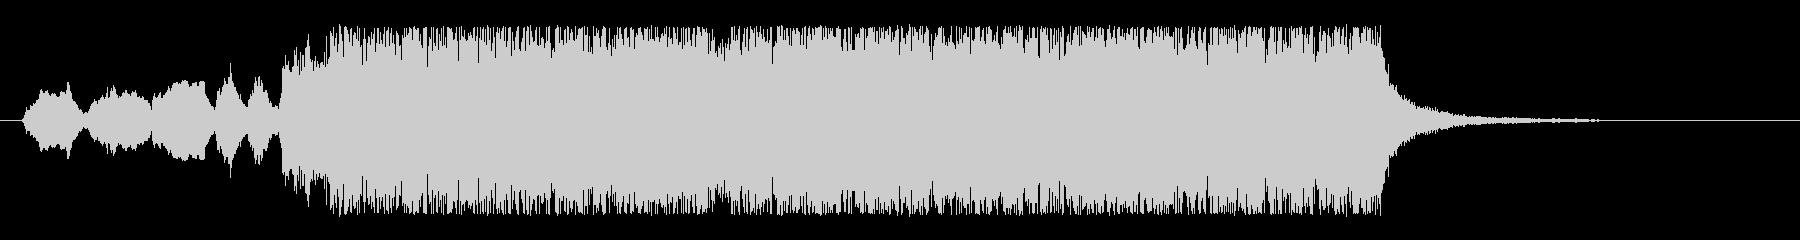 オーケストラによる偉大なファンファーレの未再生の波形